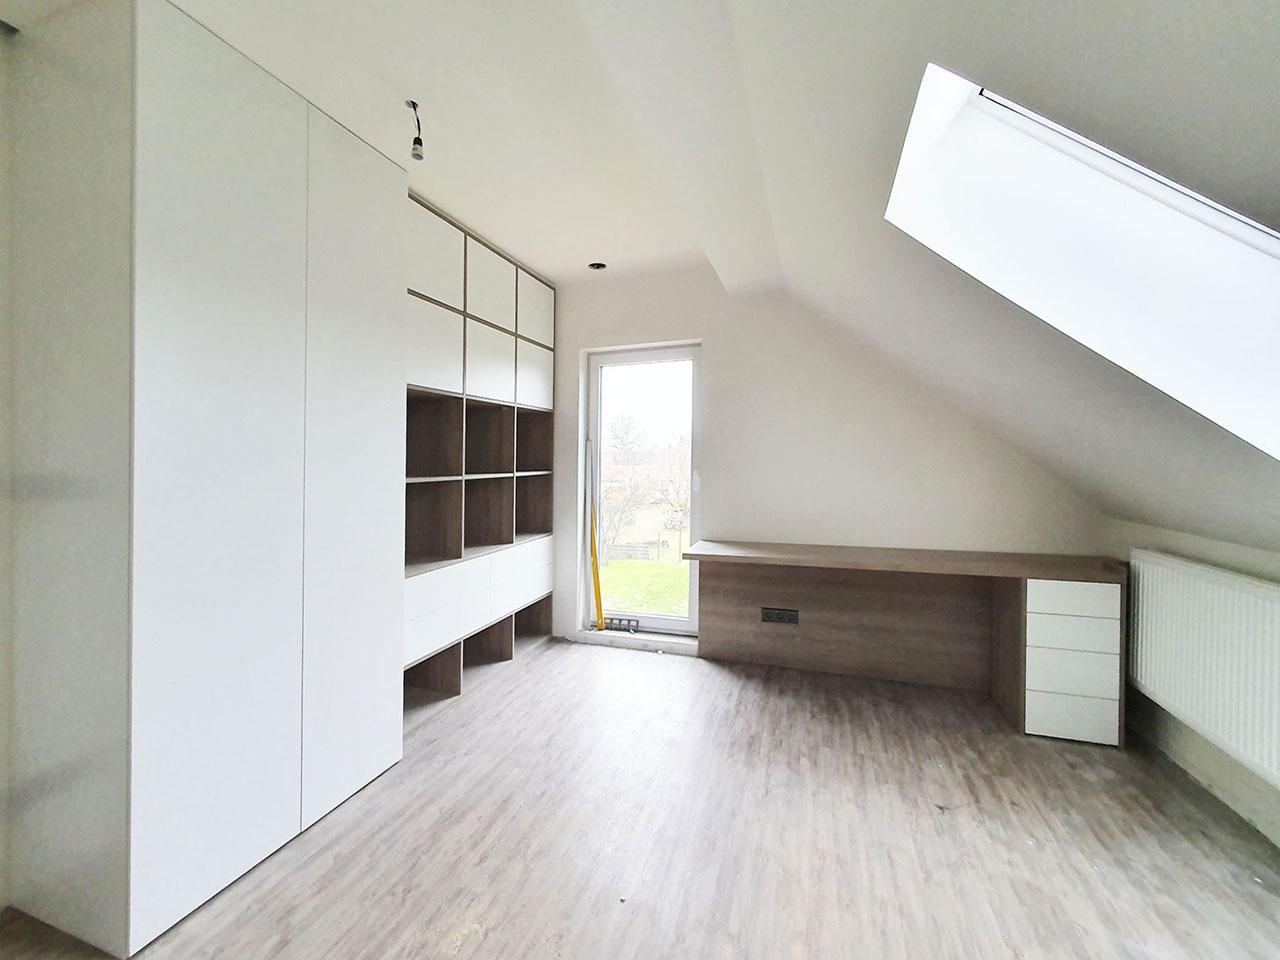 Bílá Skříň na míru s pantovými dveřmi, šuplíky a otevřenou dřevěnou částí v dřevodekoru.